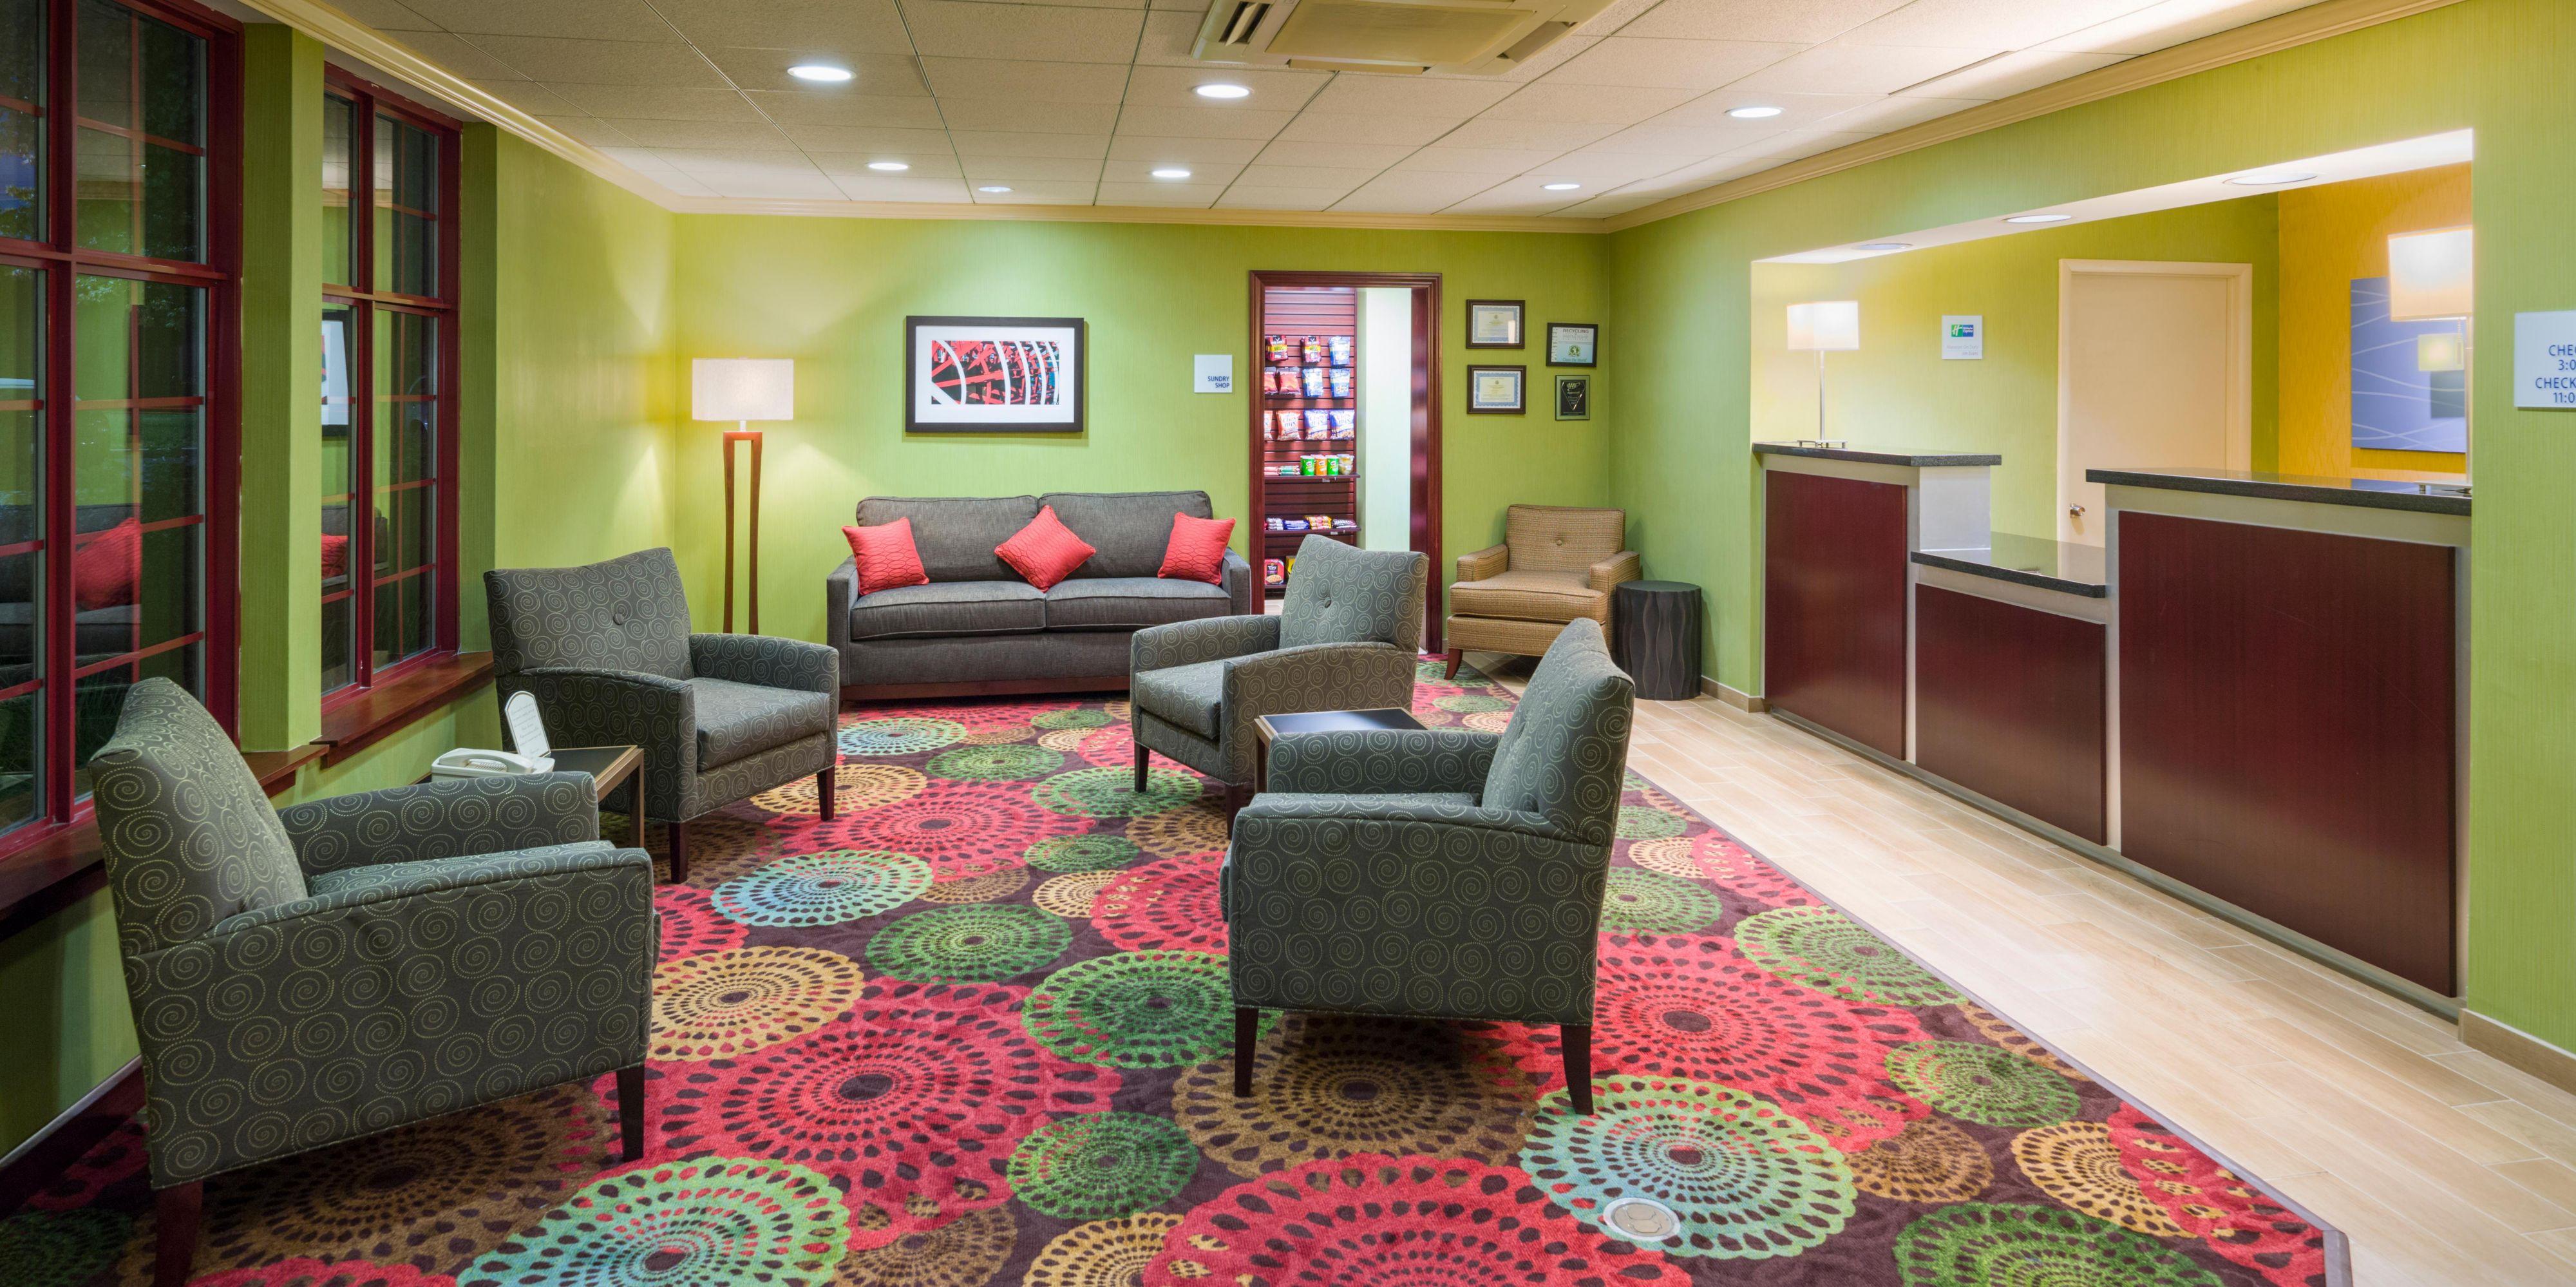 Holiday Inn Express Frazer Malvern Hotel By IHG